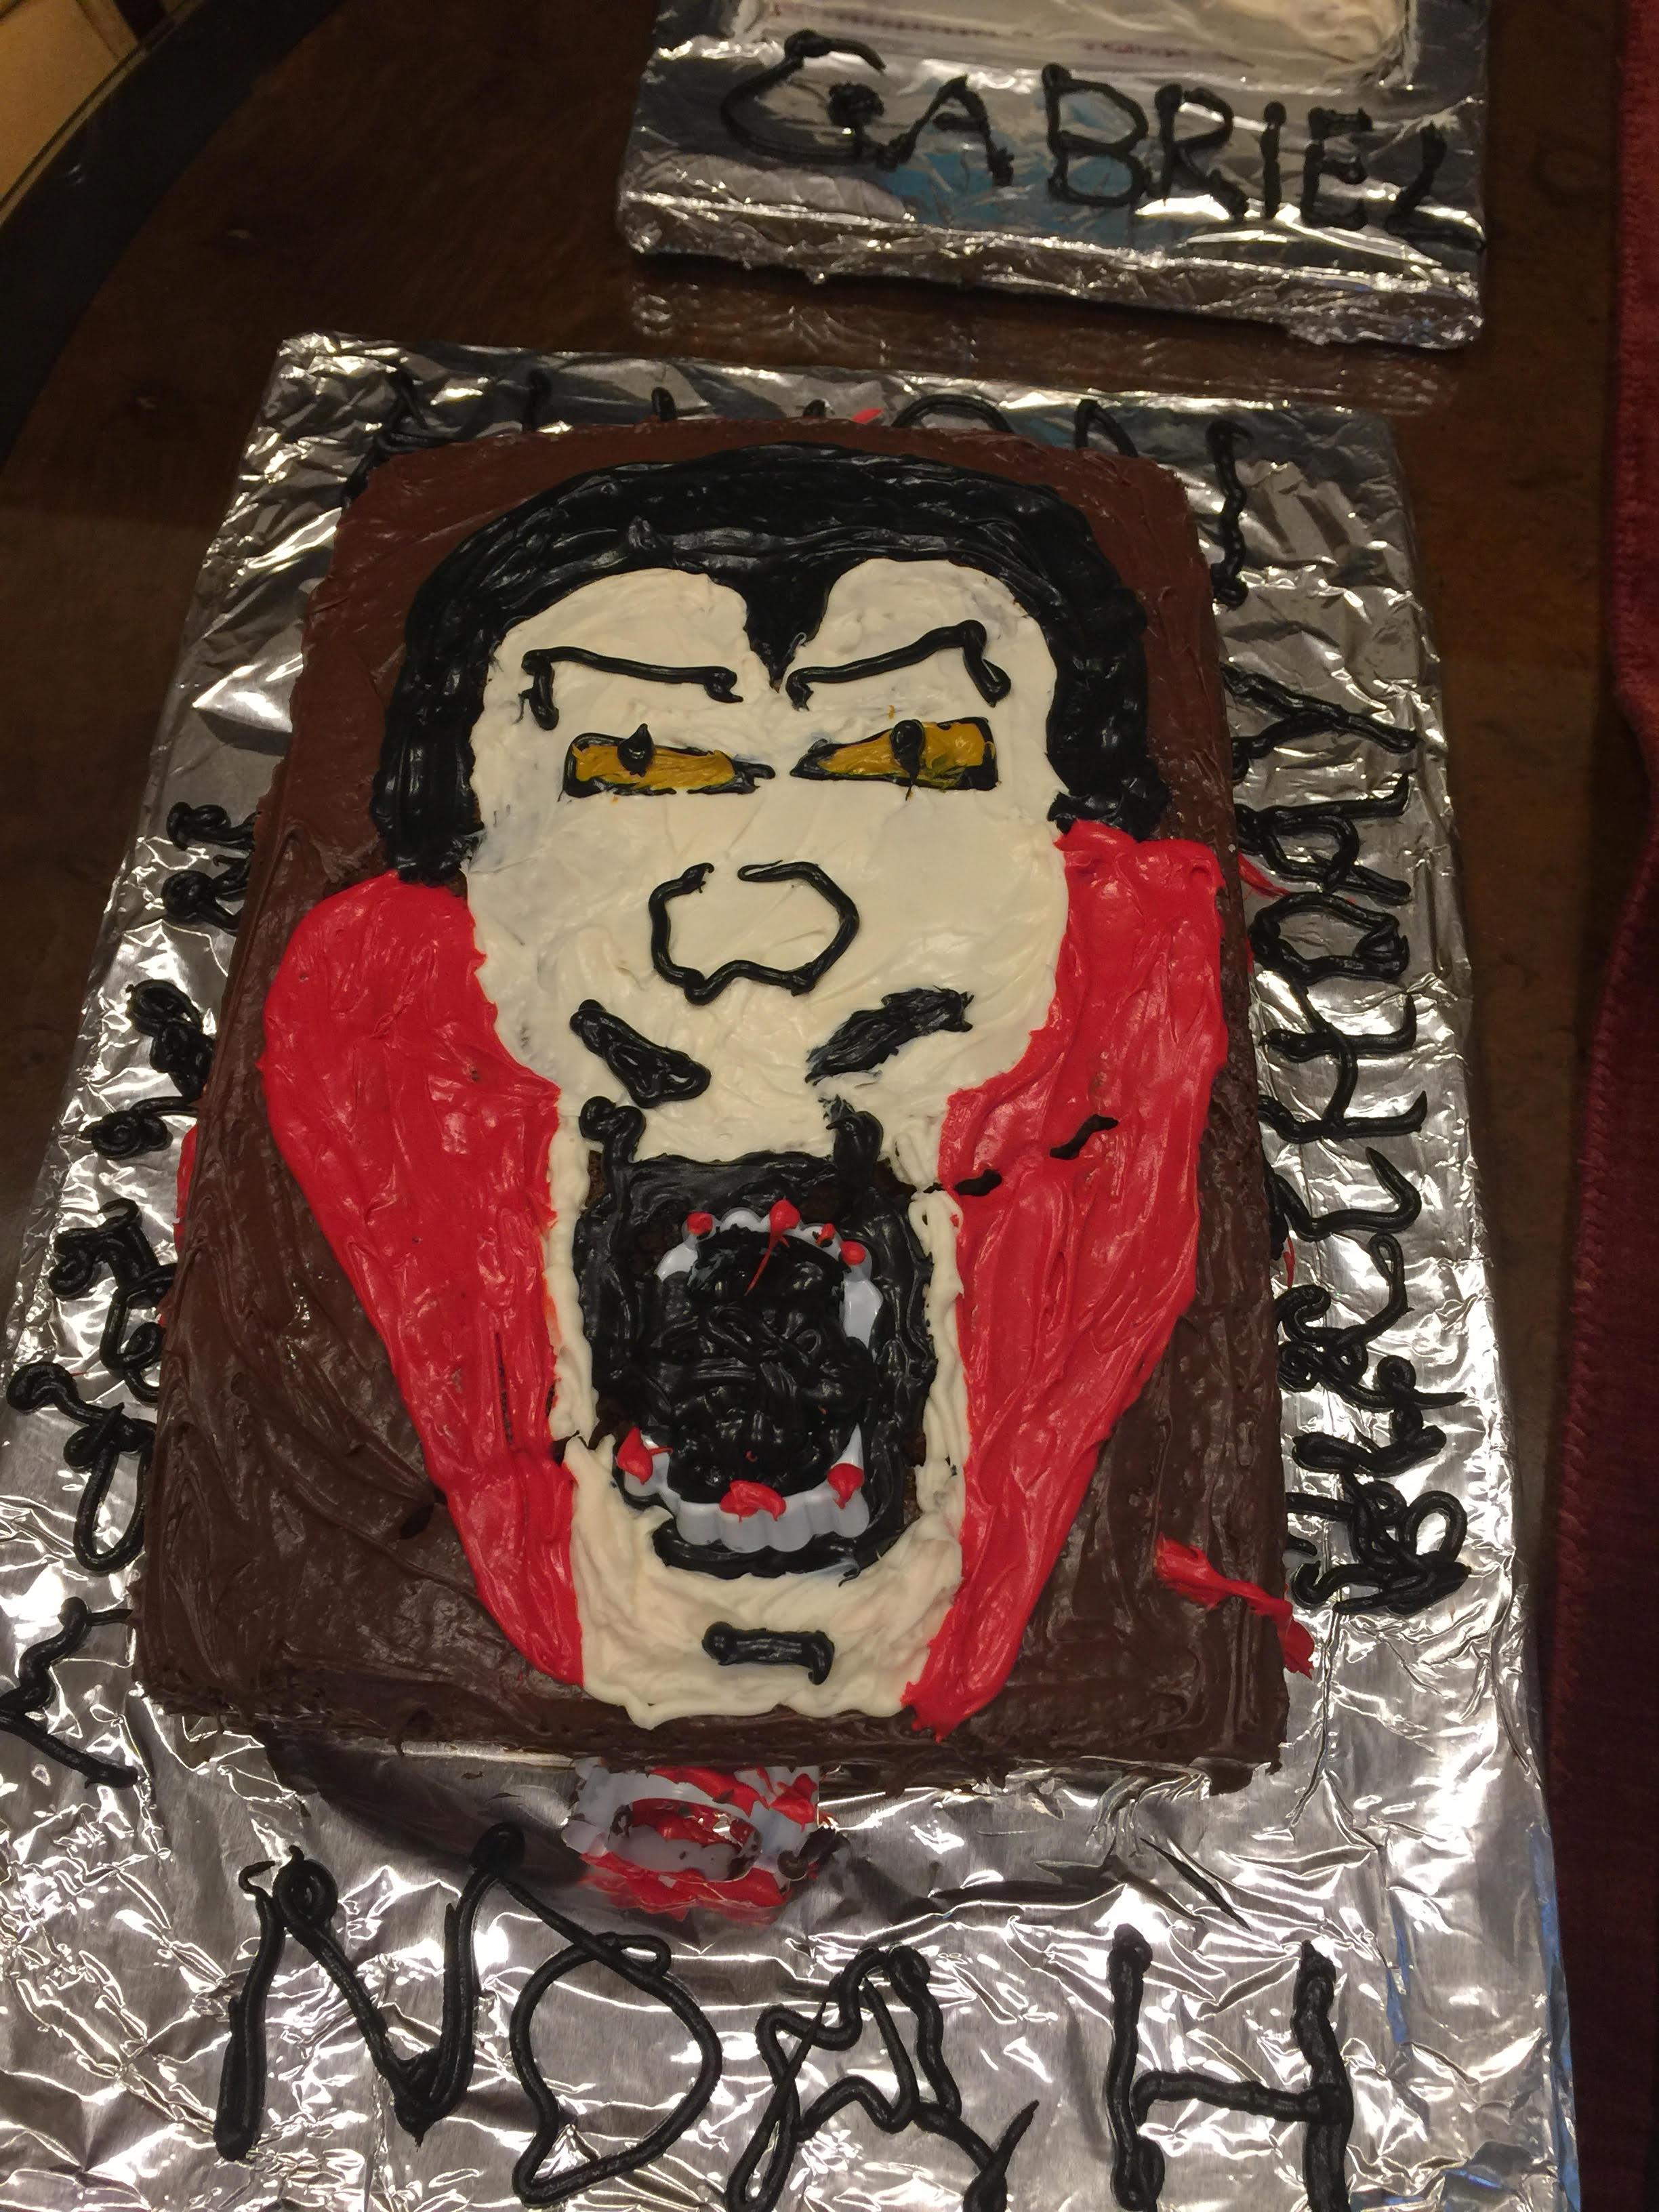 noahs-vampire-cake-2016